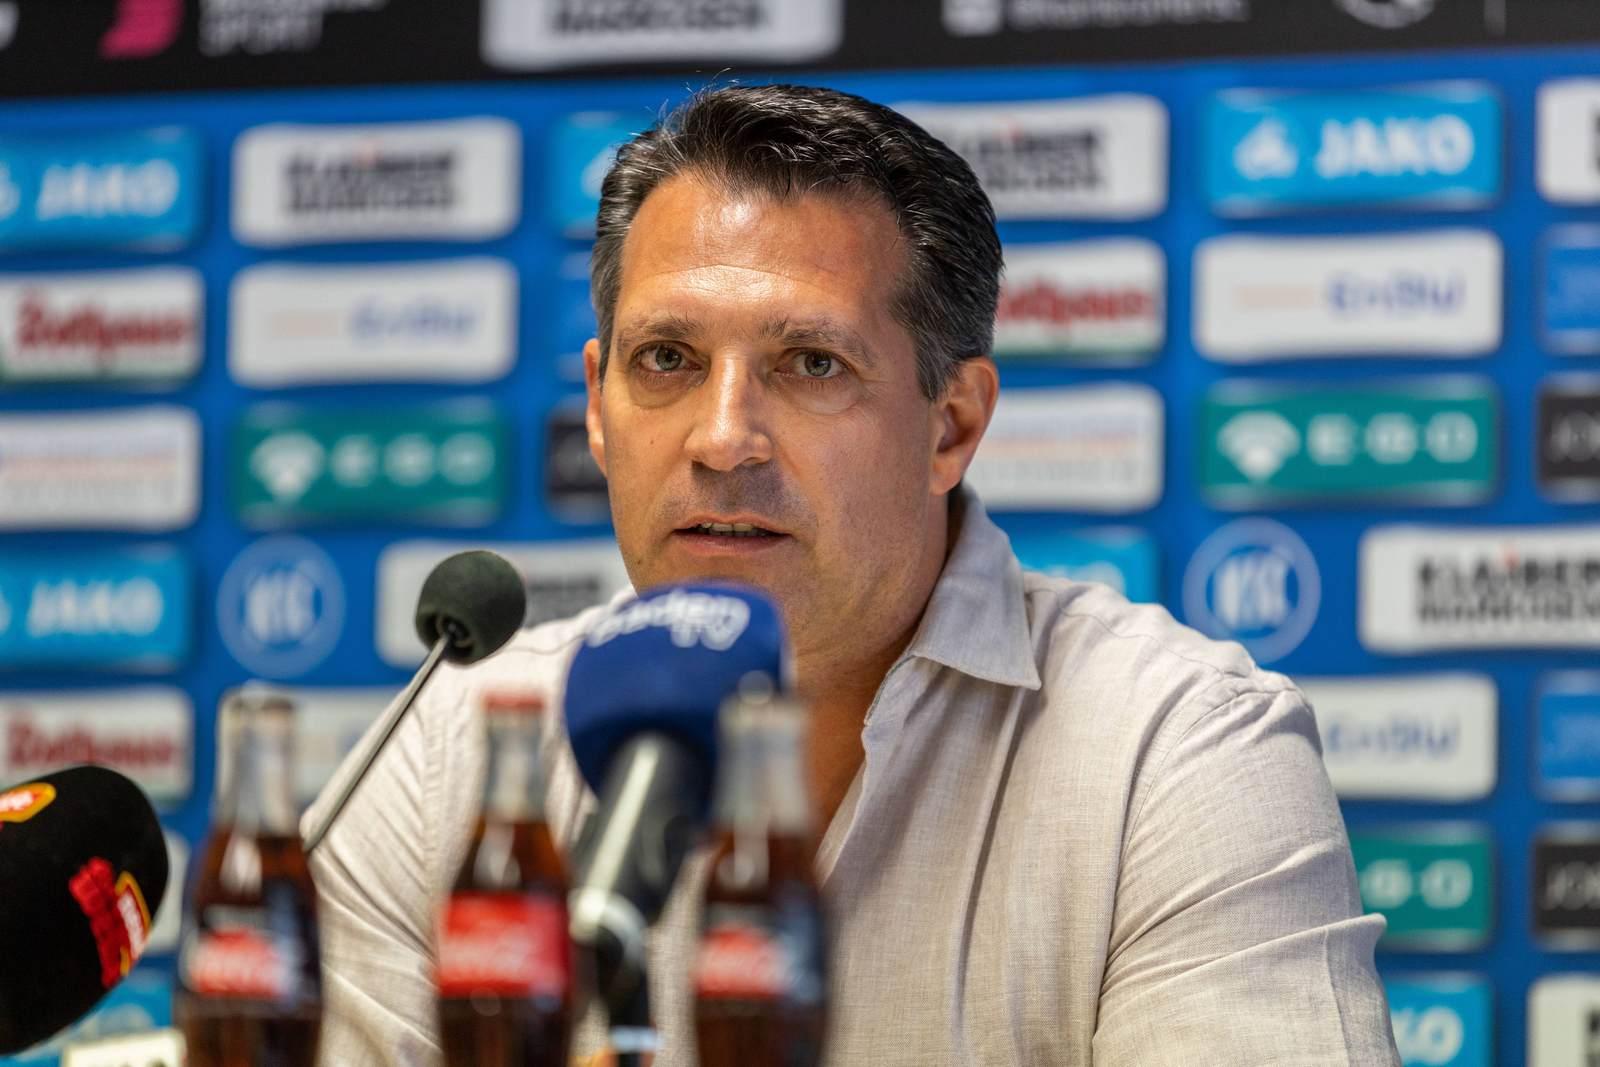 Alois Schwartz bei der Pressekonferenz vor dem Spiel gegen Aalen